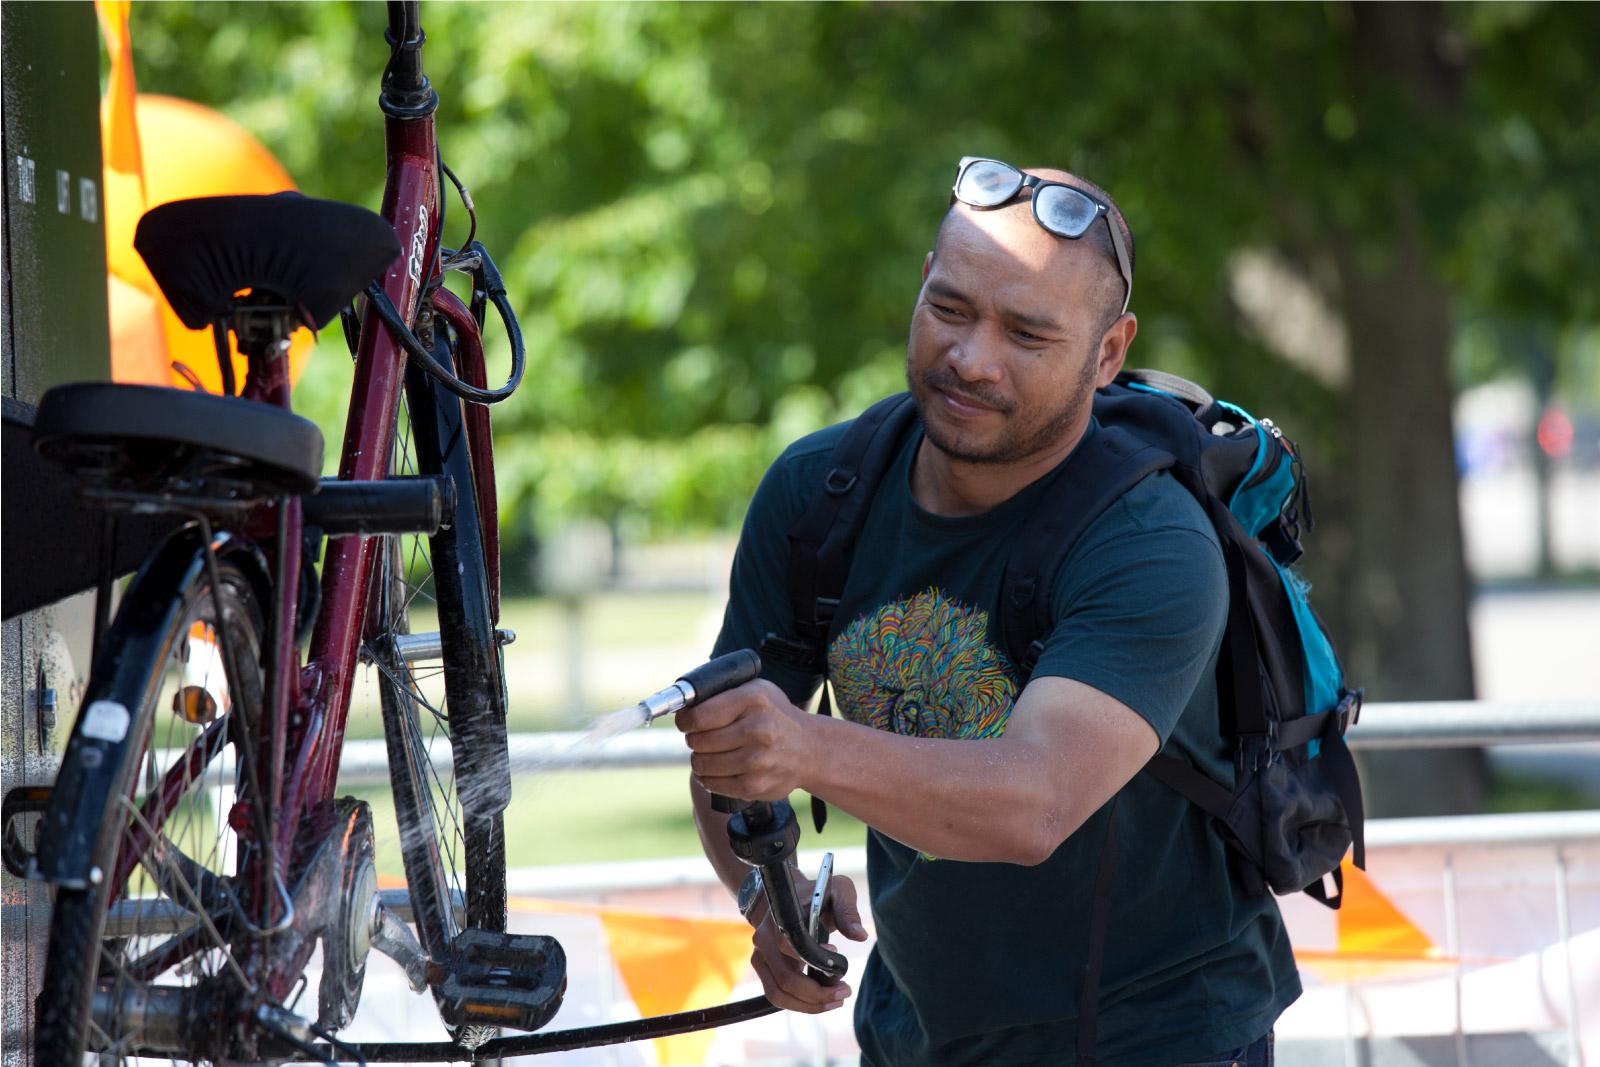 En mann renser sin sykkel på Sykkelservicestasjonen GRAND 3600